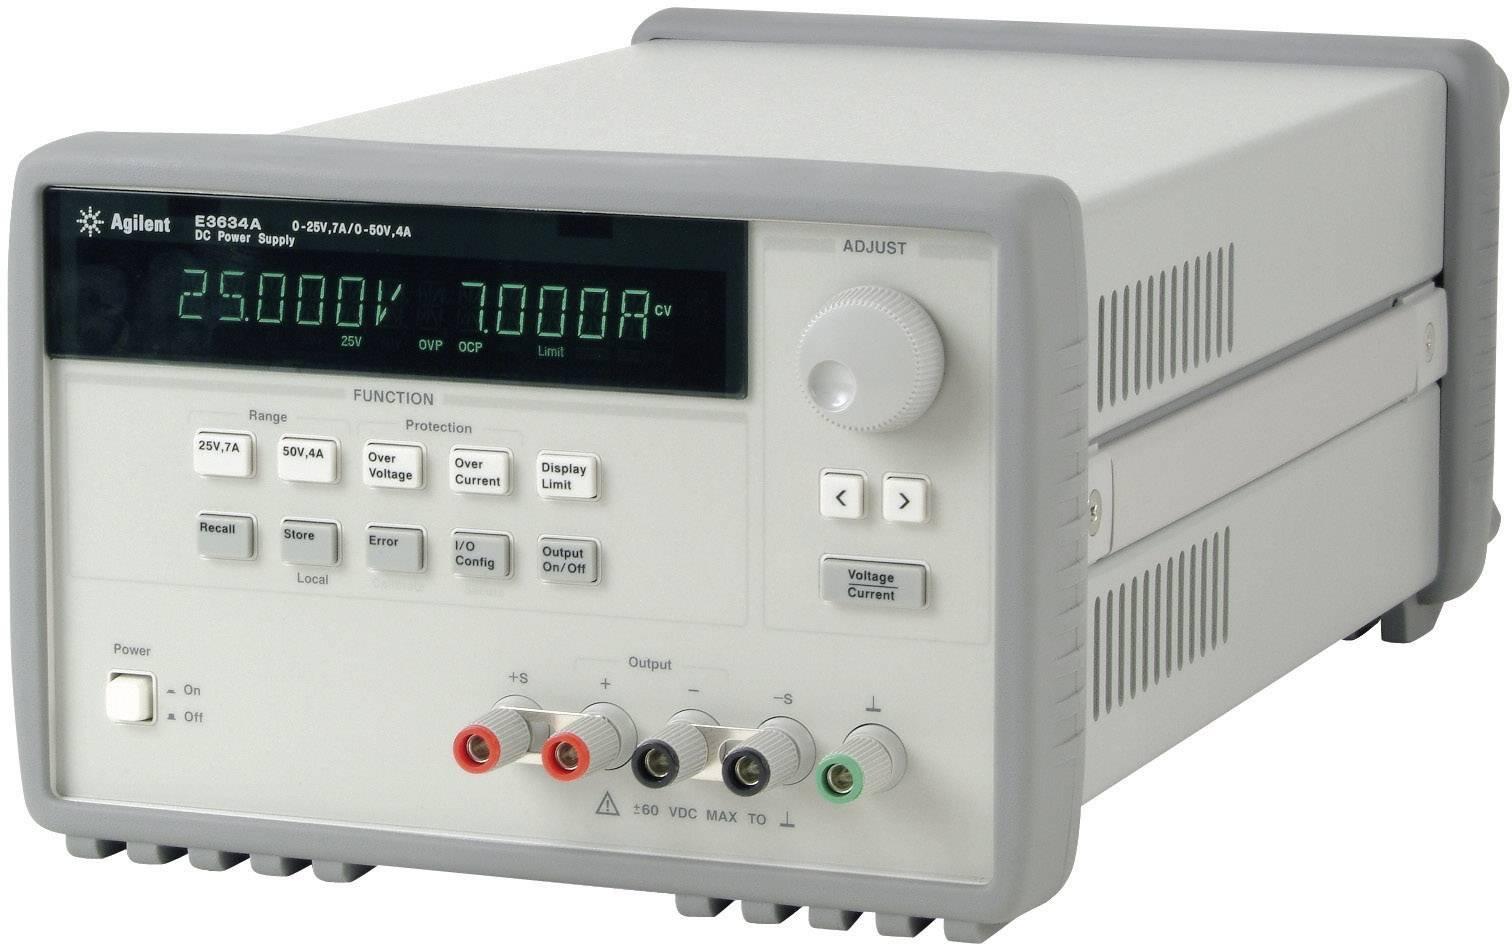 Laboratórny sieťový zdroj Keysight Technologies E3634A, 0 - 25 V/DC, 0 - 7 A, 200 W, 1 výstup